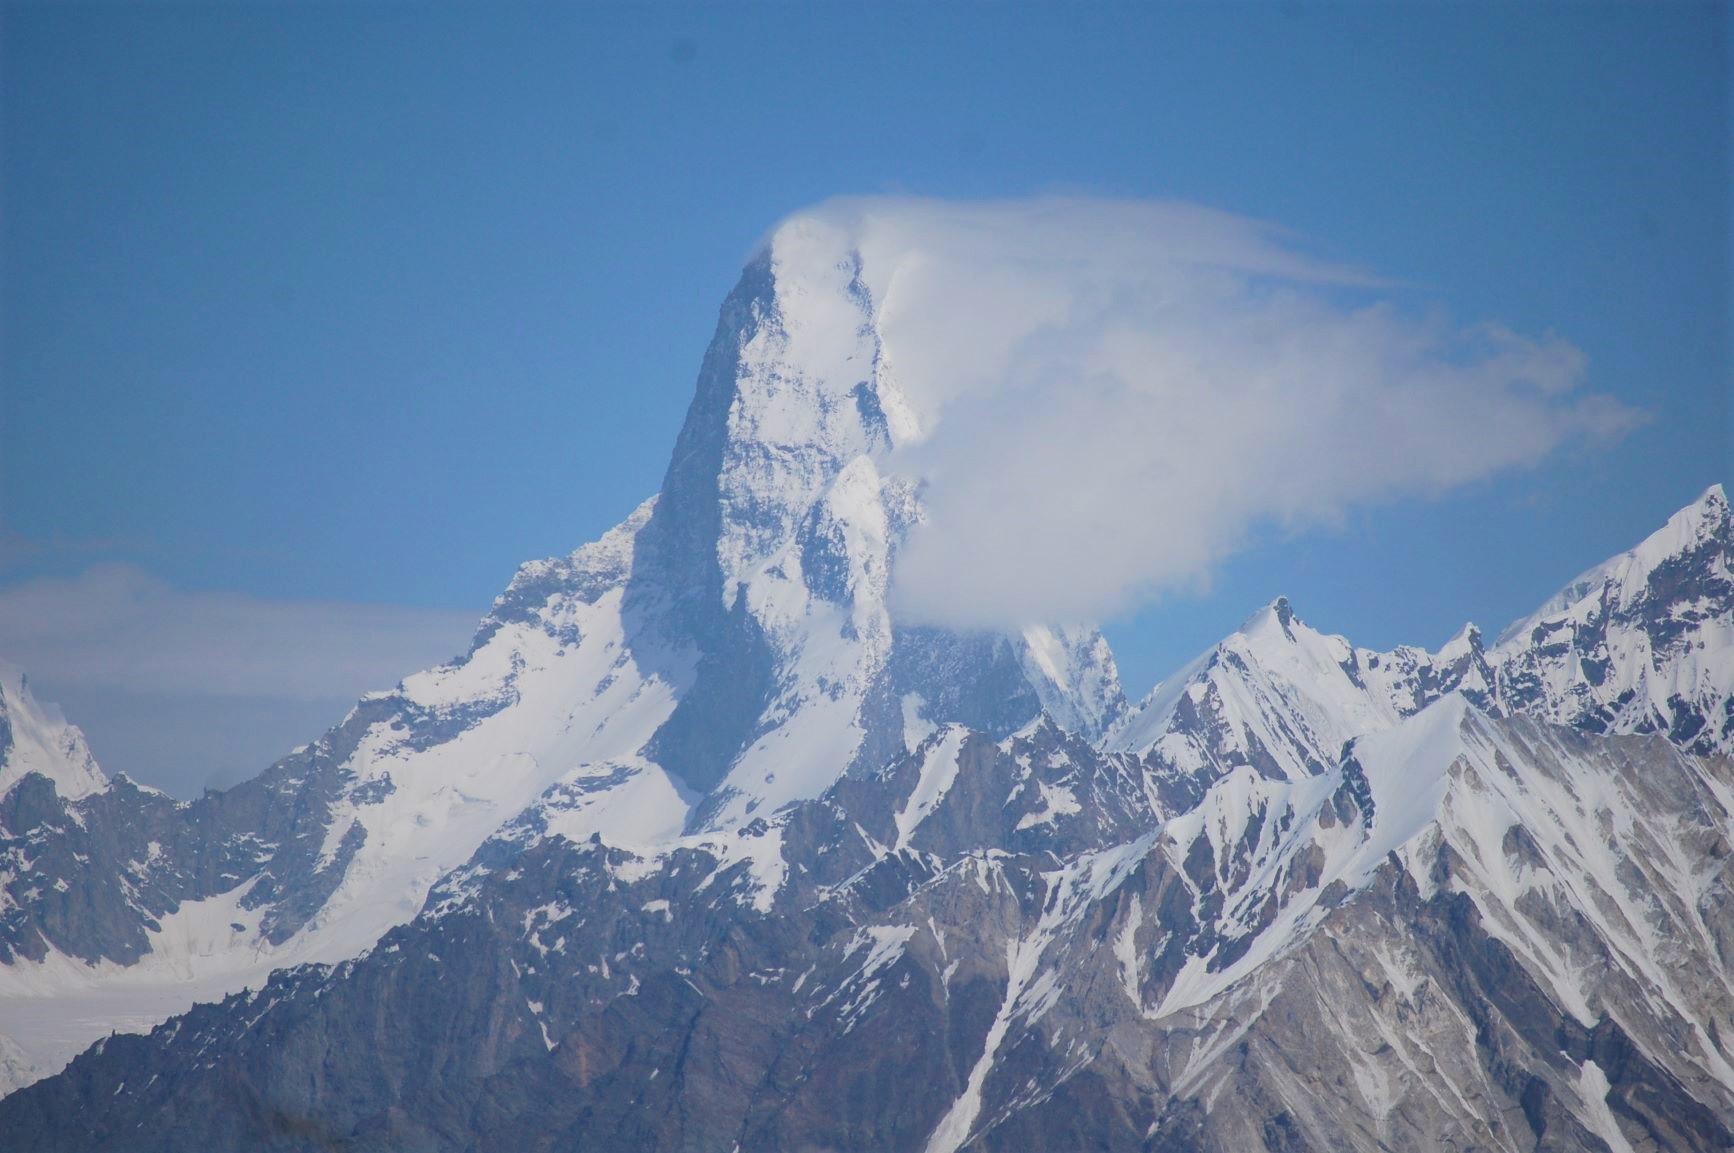 バルトロ氷河上部からの怪峰ムスターグタワー